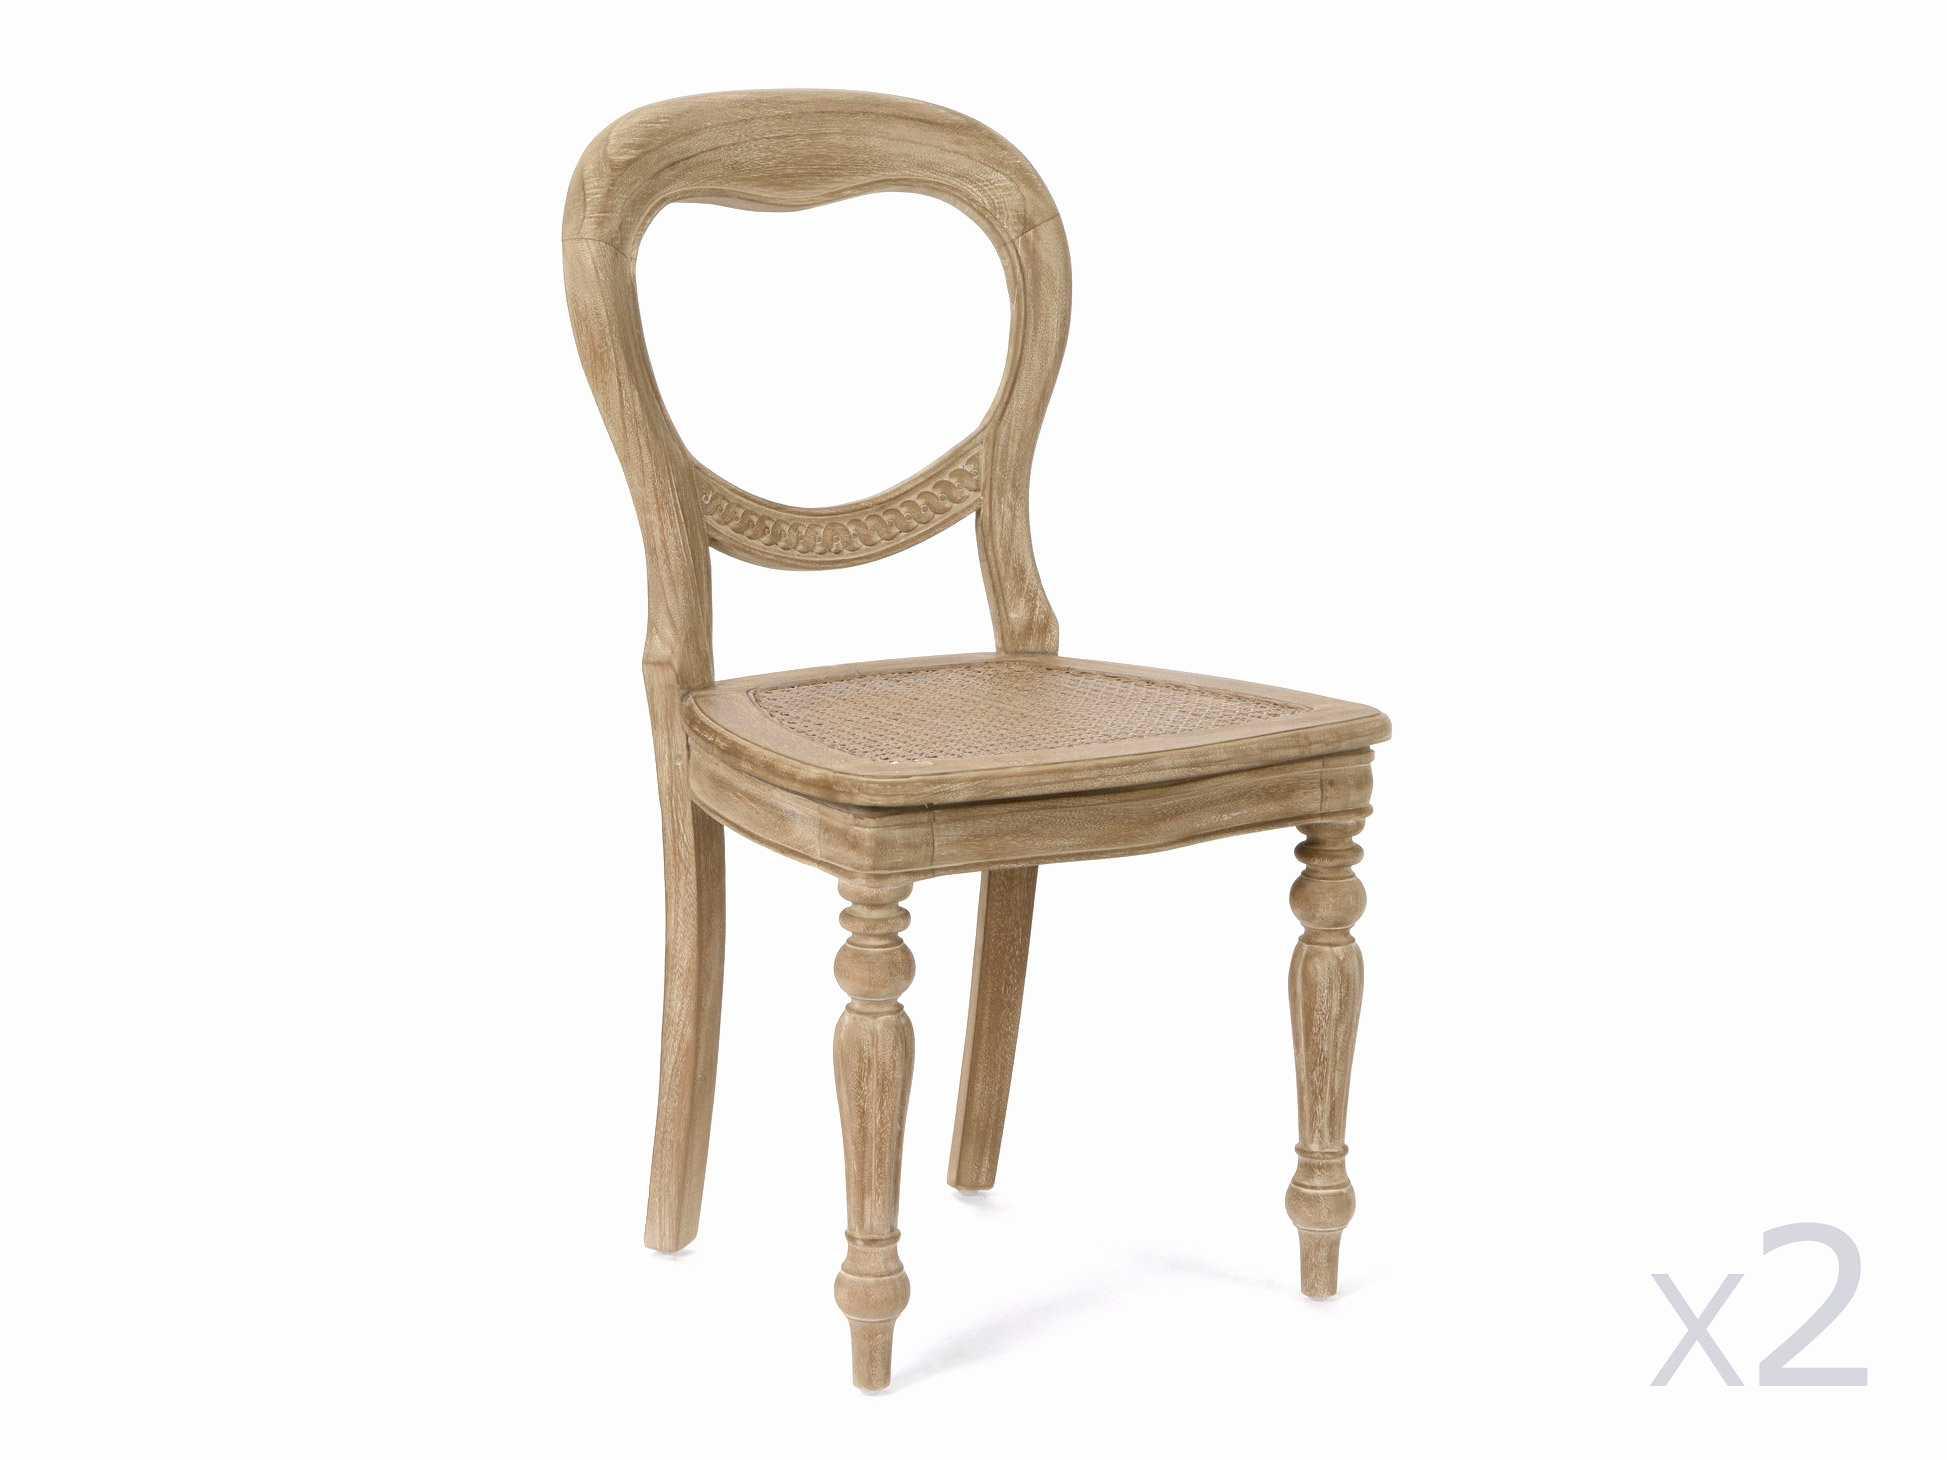 enchanteur chaise rotin pas cher avec fauteuil brillant osier conforama oeuf galerie images cuisine lovely chambre salle manger